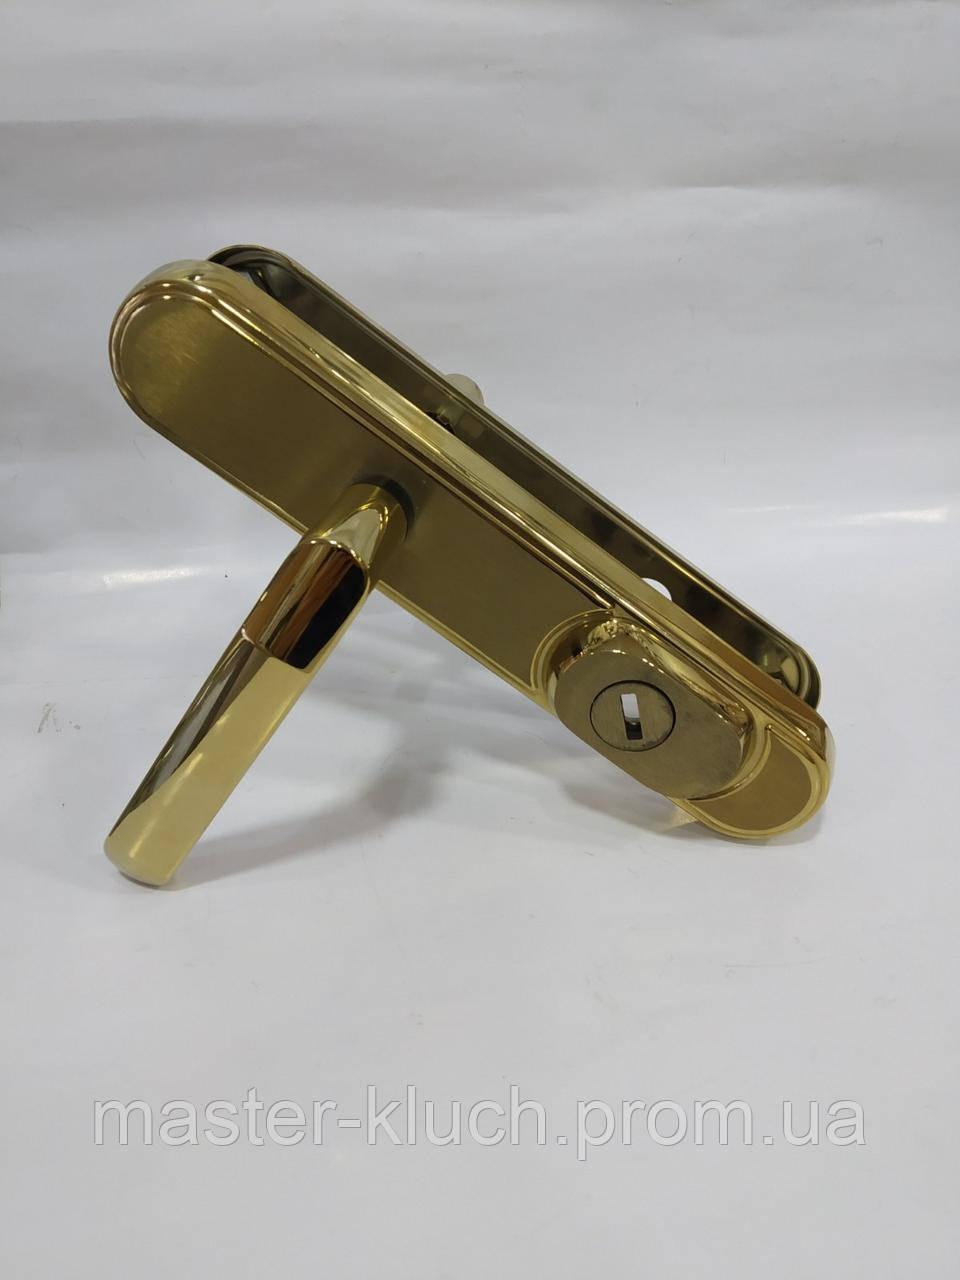 ROSTEX®  Decor  R-4 матовое золото